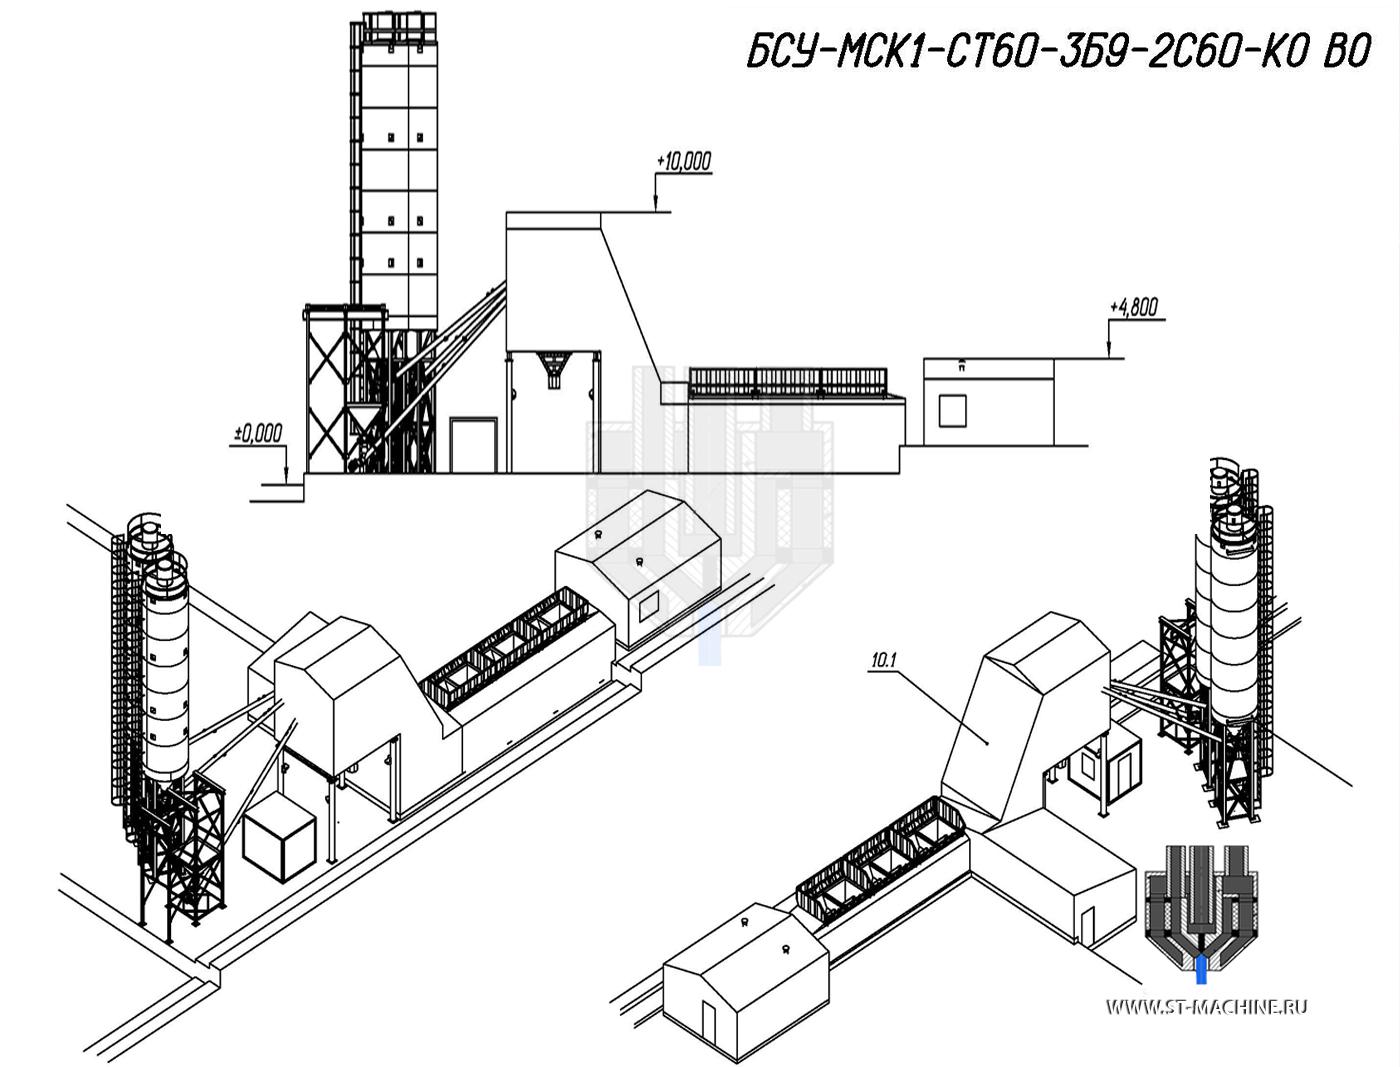 бетонный завод 60 м3 час стмашин оборудование бетоносмесительное.jpg